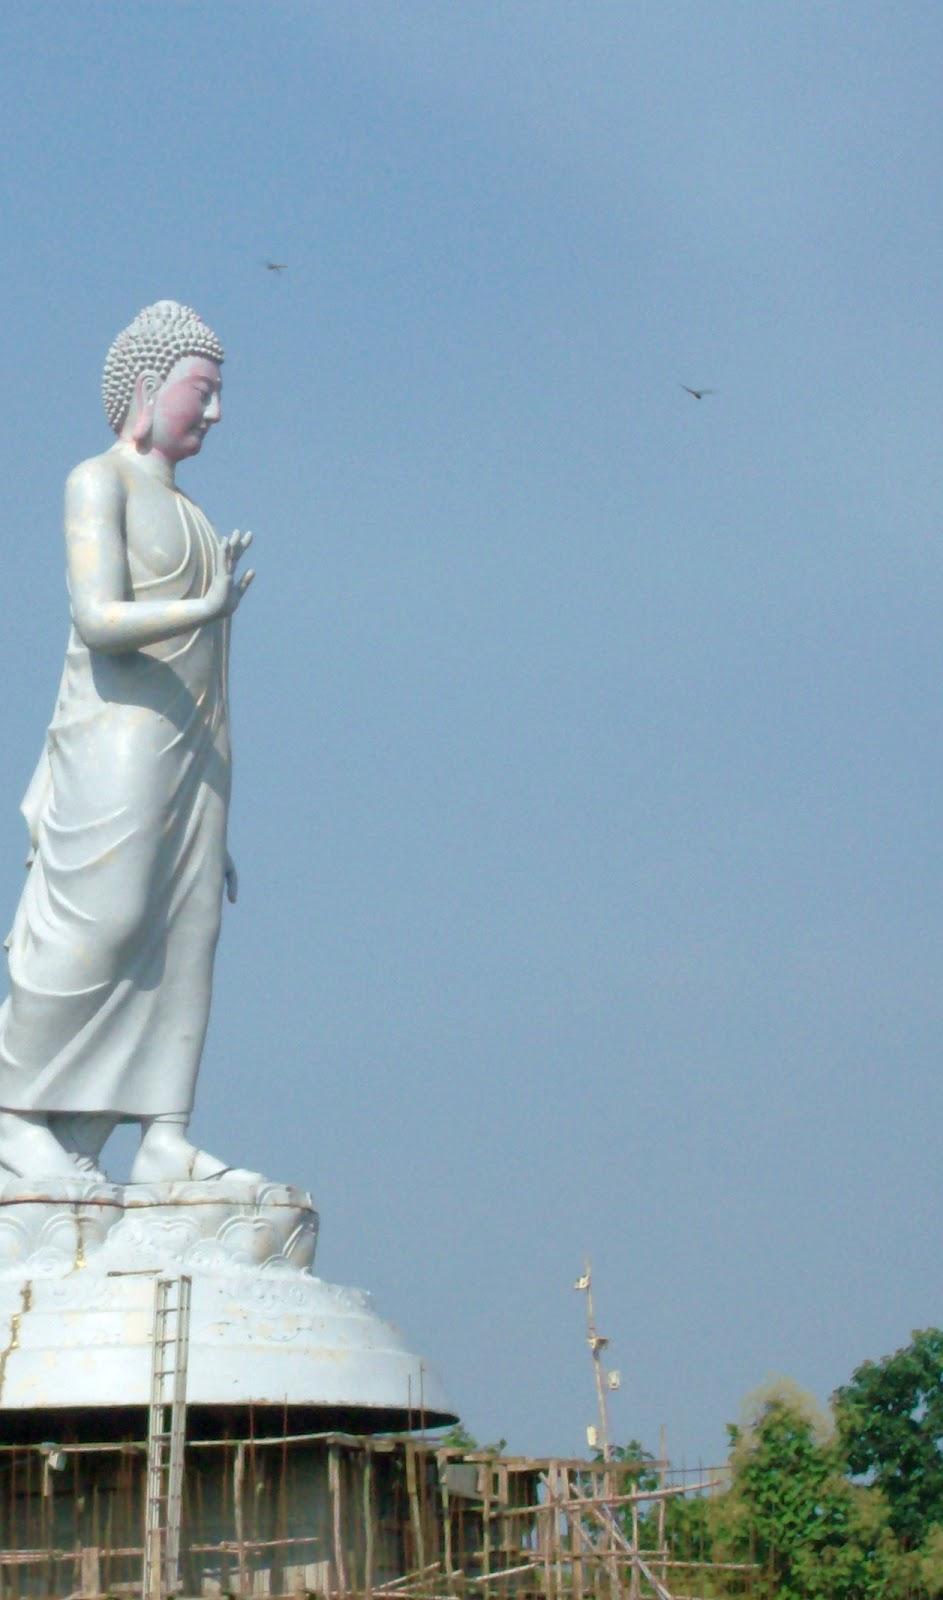 [nagaloka-buddha-cropped2.jpg]